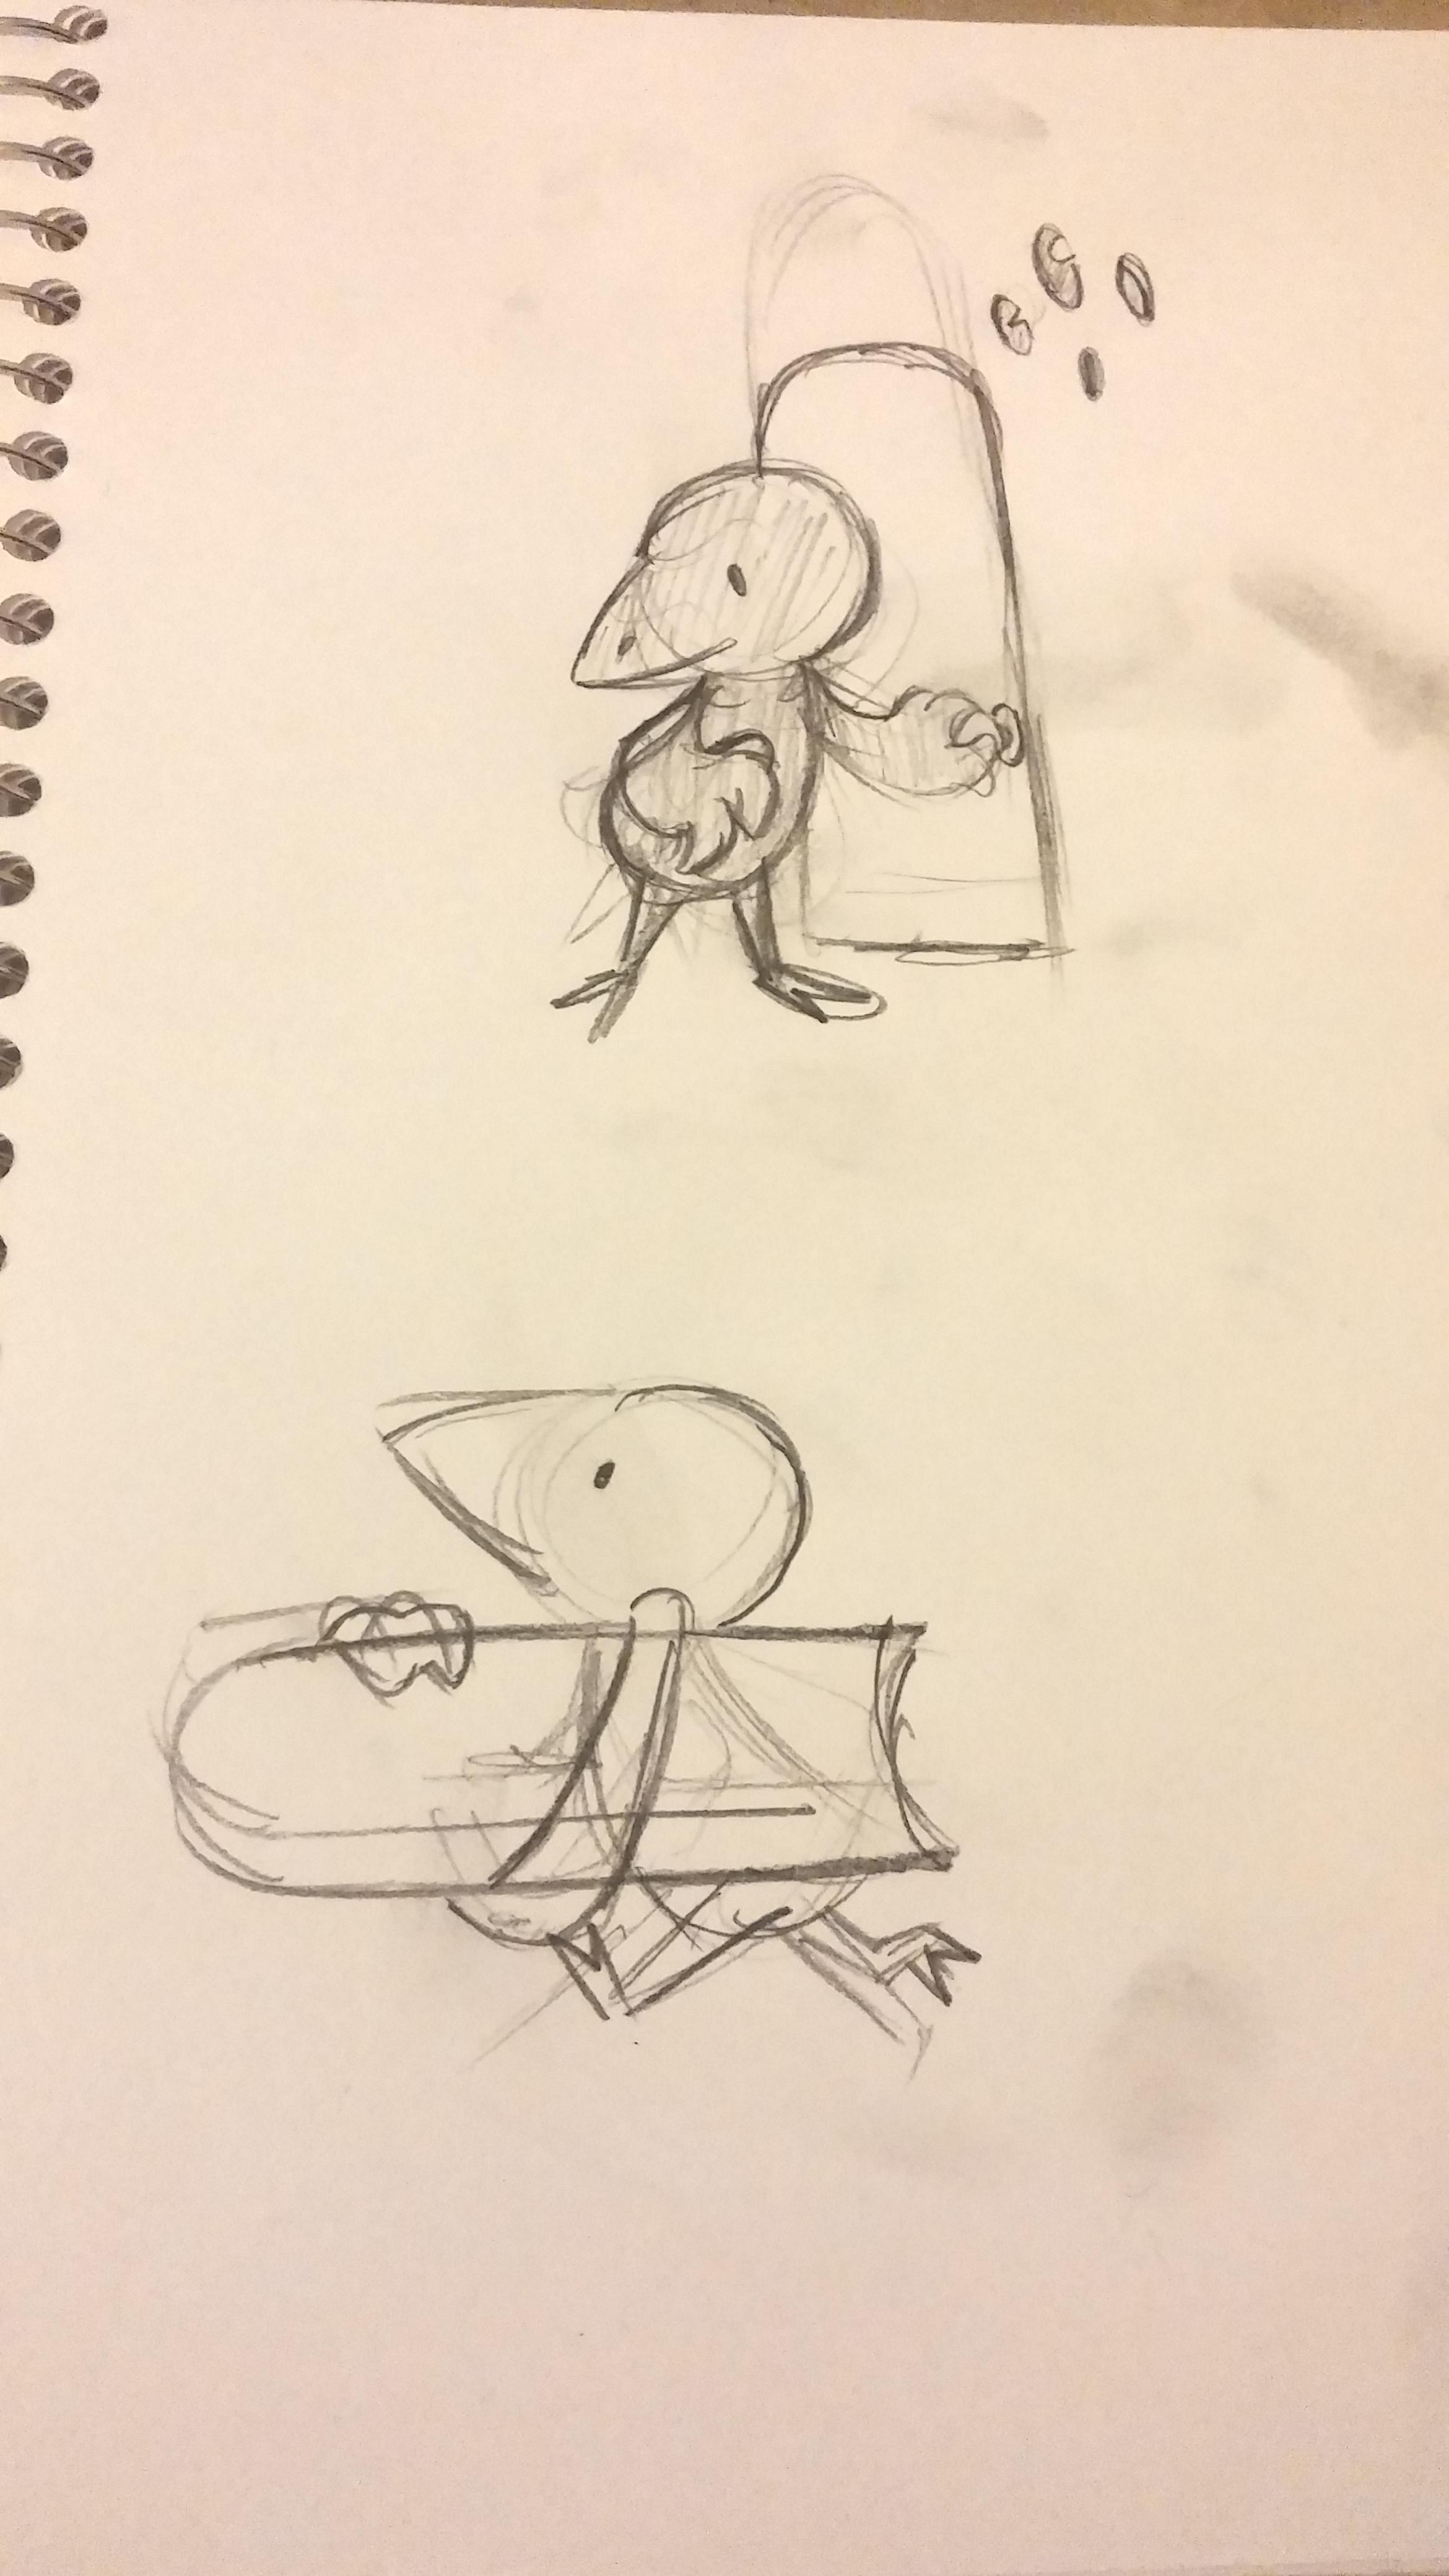 ploverbird